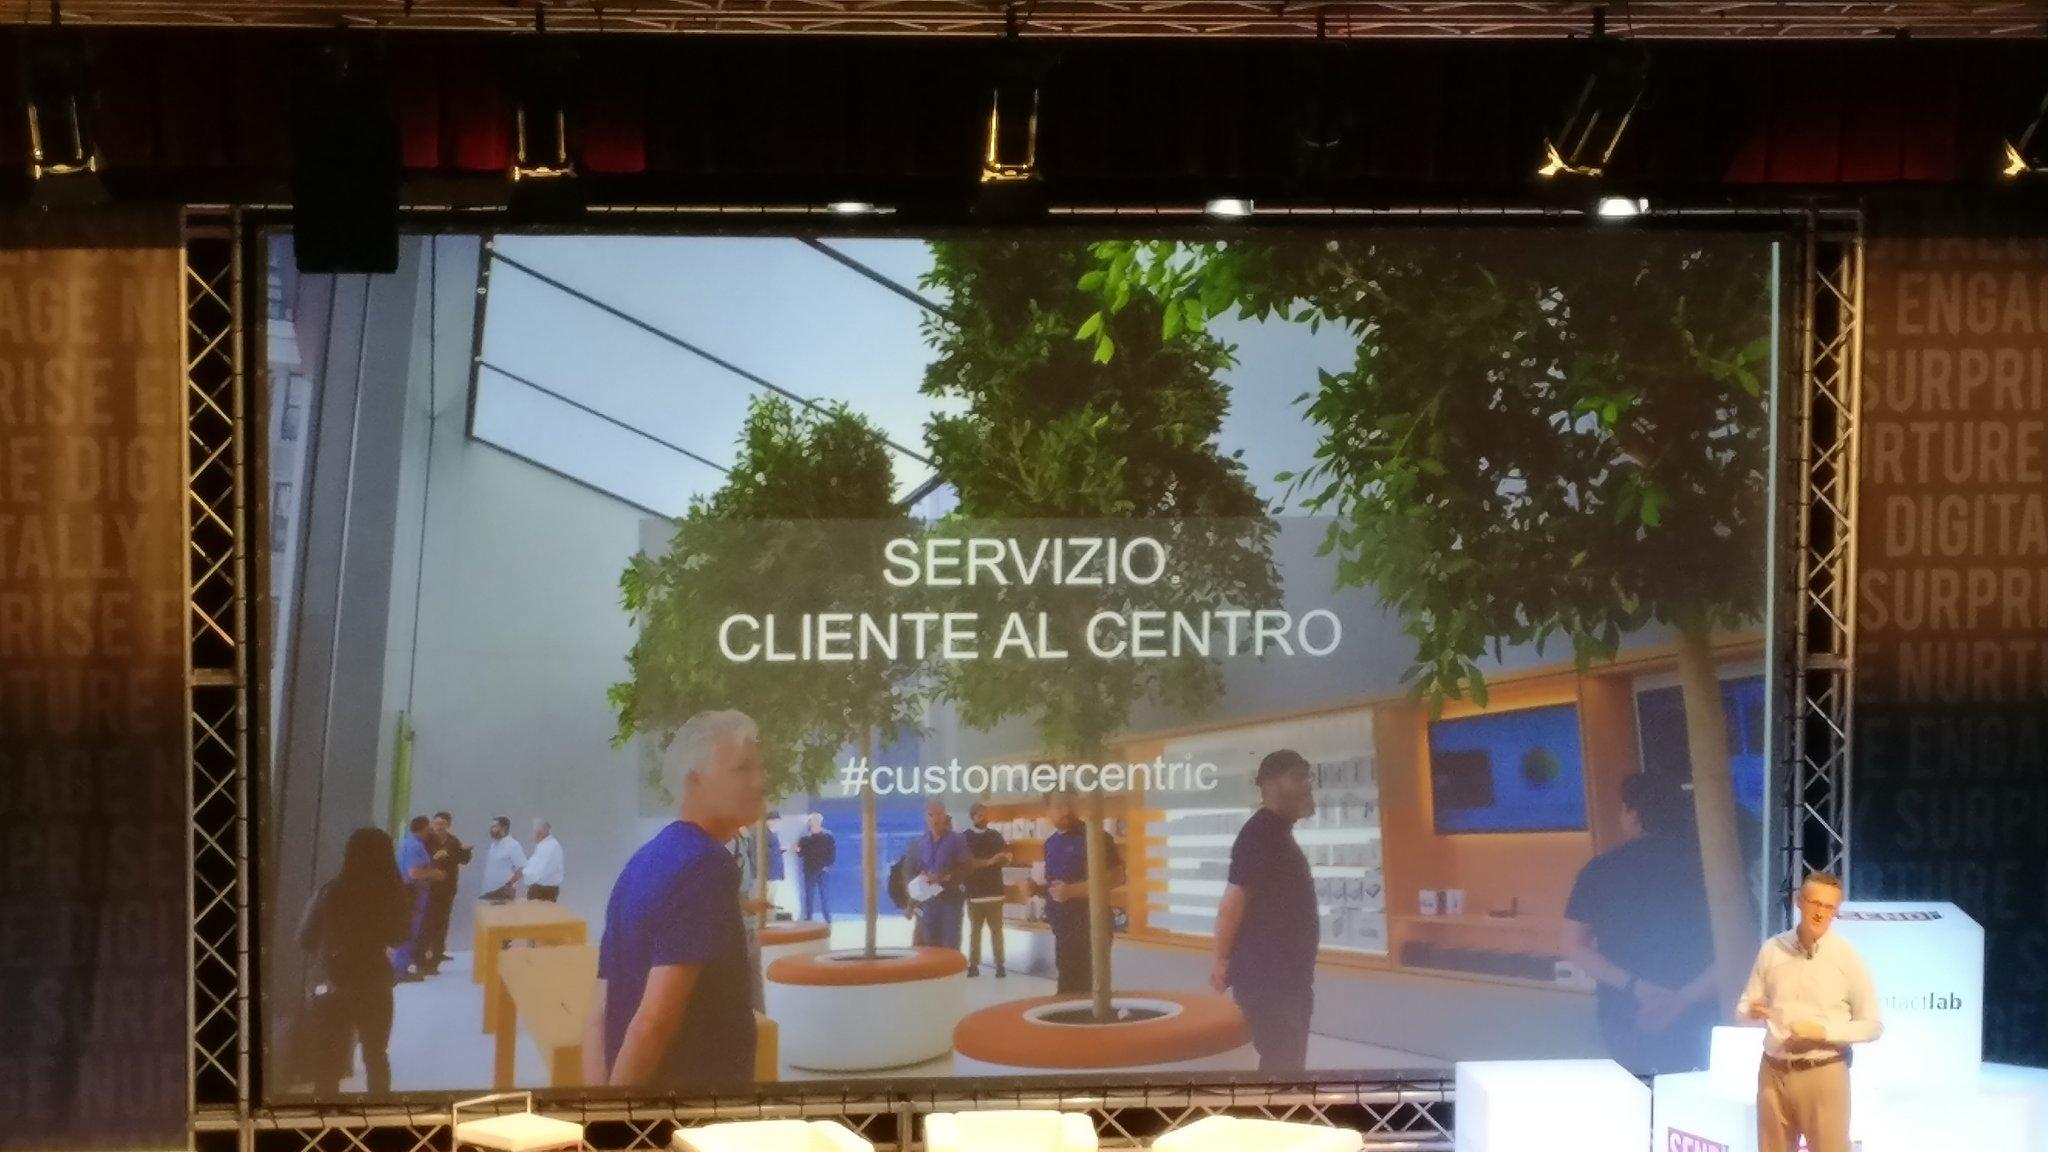 #SENDsummit17 #customercentric sopravviverà chi mette il cliente al centro del servizio https://t.co/aV9LLPCVWZ